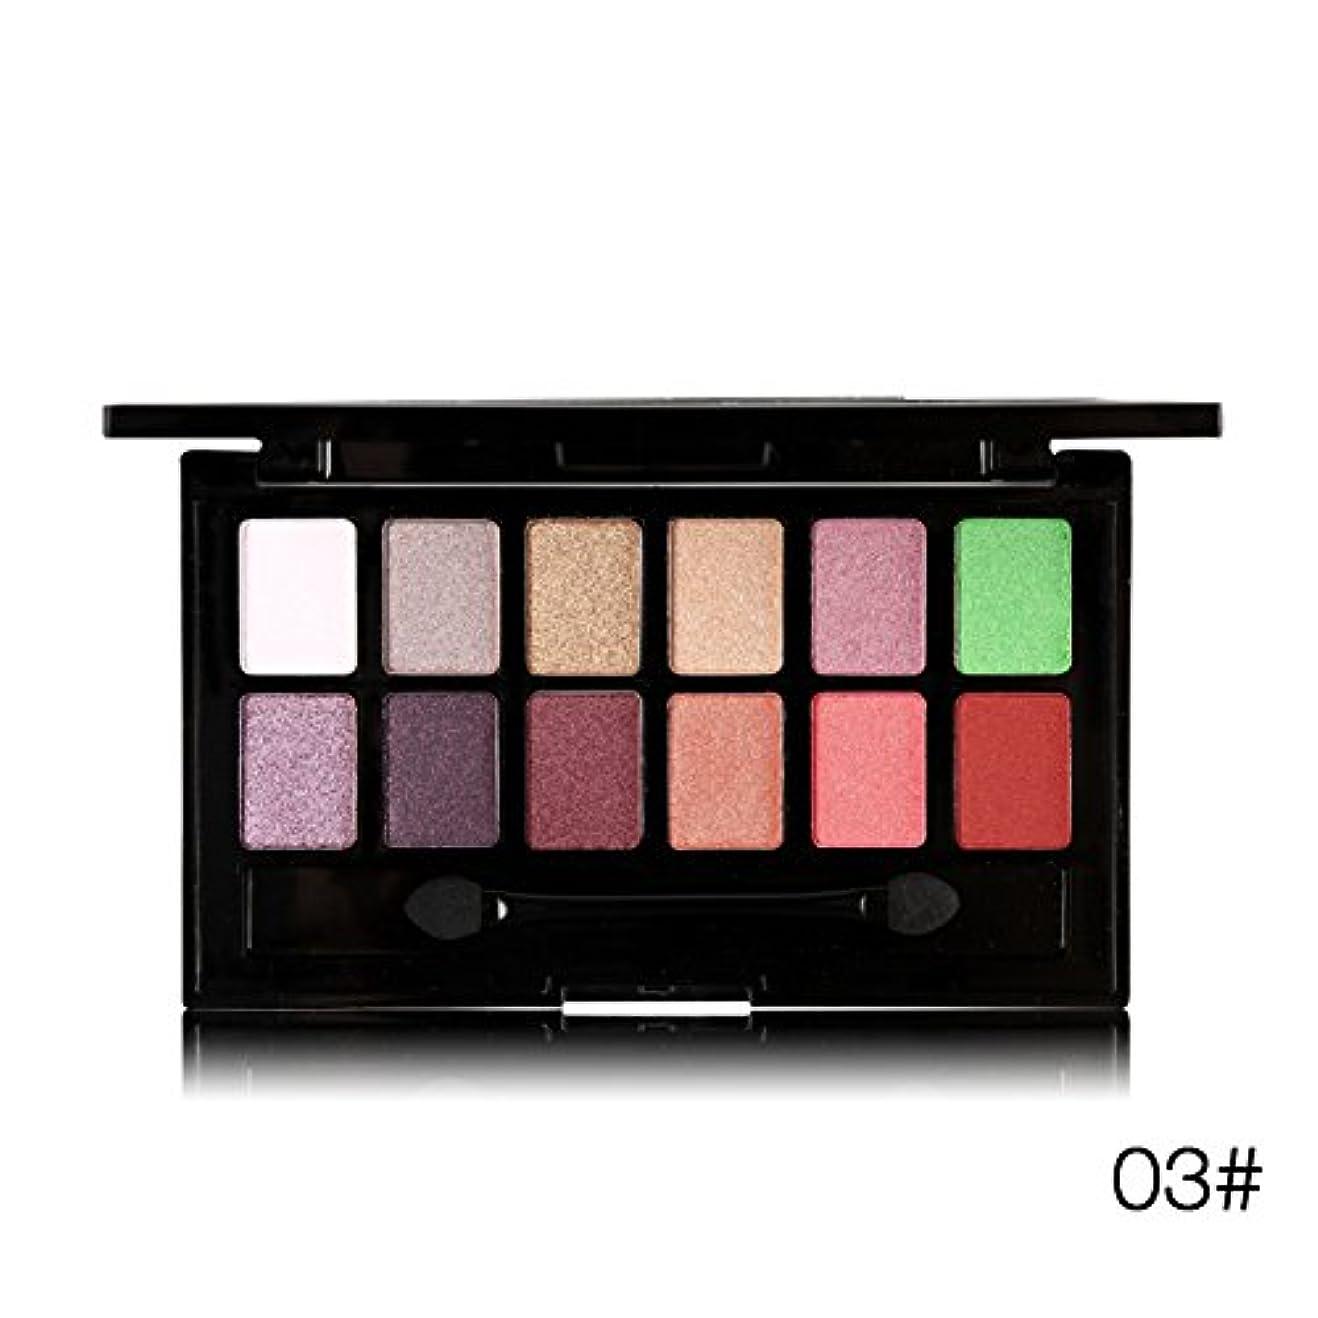 乗り出すチャート構成(03#) 12 Colors Pro Nude Earth Color Makeup Eyeshadow Palette with Brush Smoky Eye Shadow Shimmer Matte Mineral Waterproof Kits